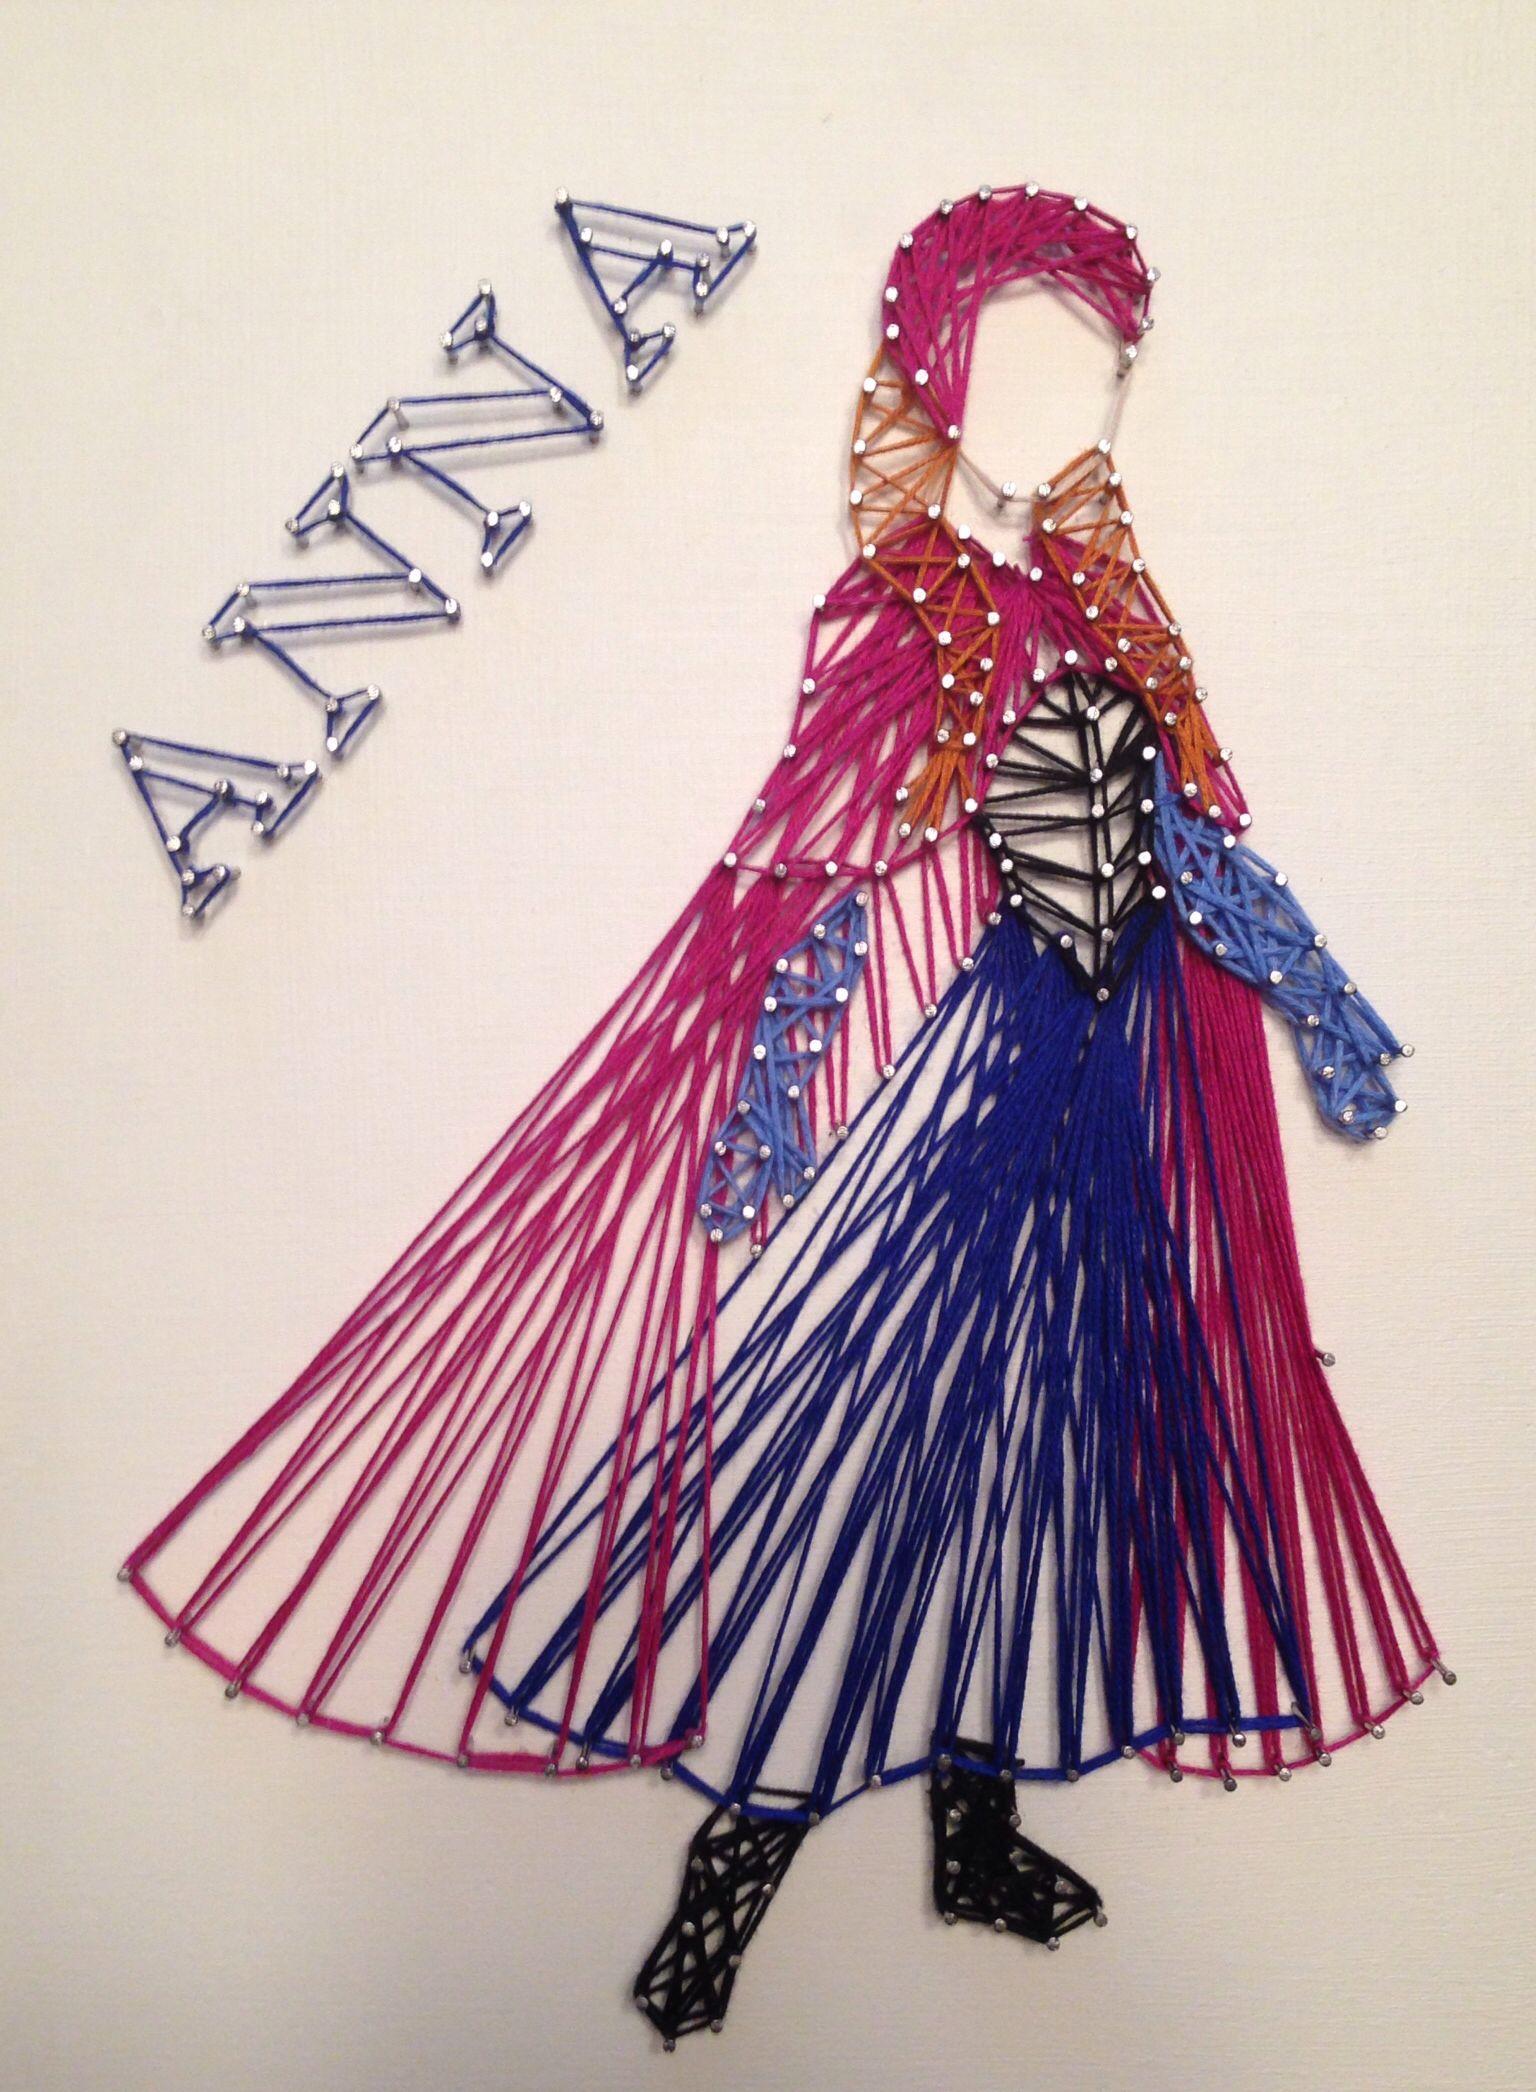 Anna from Disneys Frozen string art- no tutorial, just inspiration